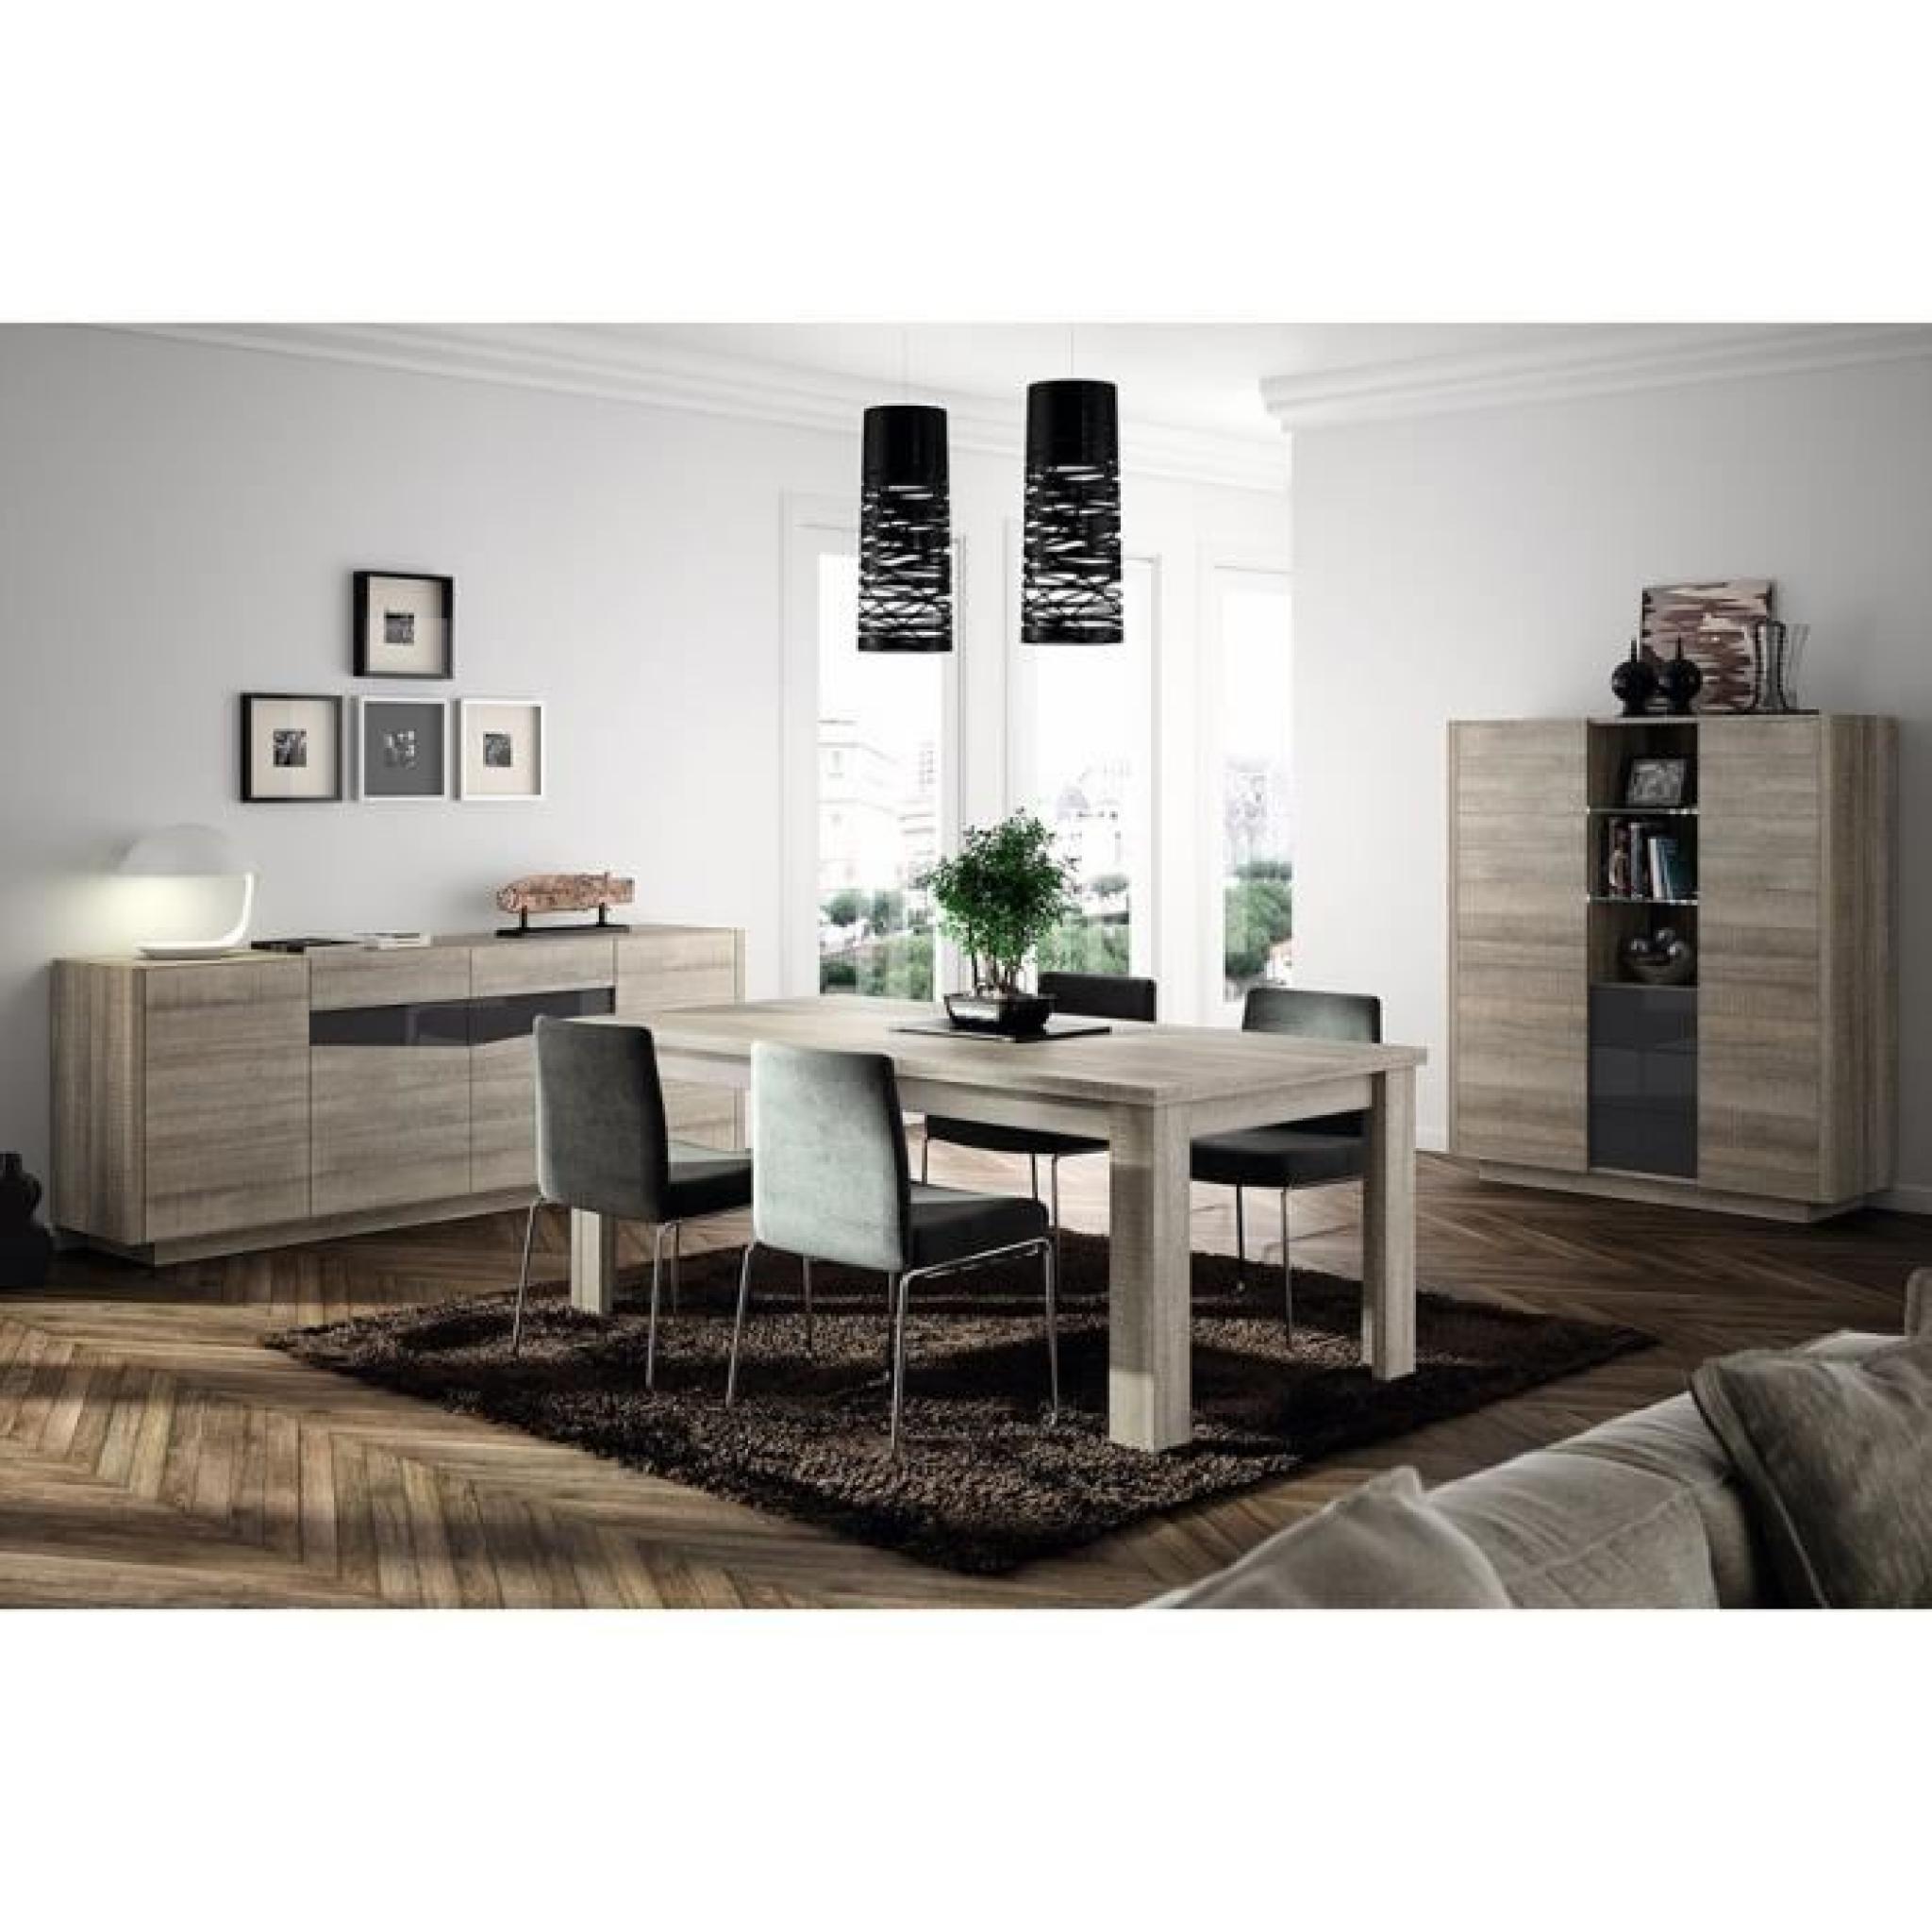 Salle à manger moderne couleur chêne gris et gris laqué ERLINDA Table L 200  cm Buffet L 229 cm